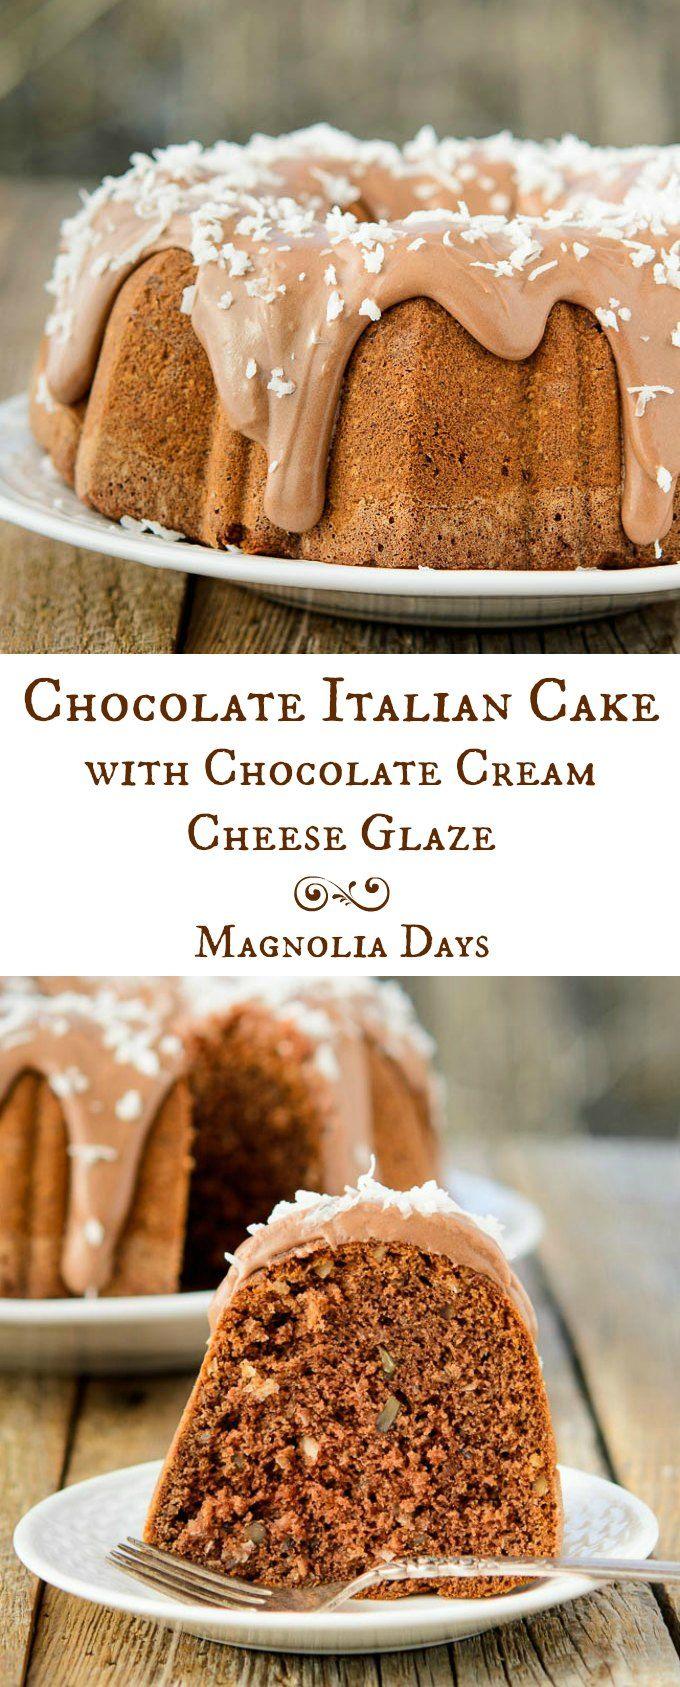 17 Best Ideas About Italian Cream Cakes On Pinterest